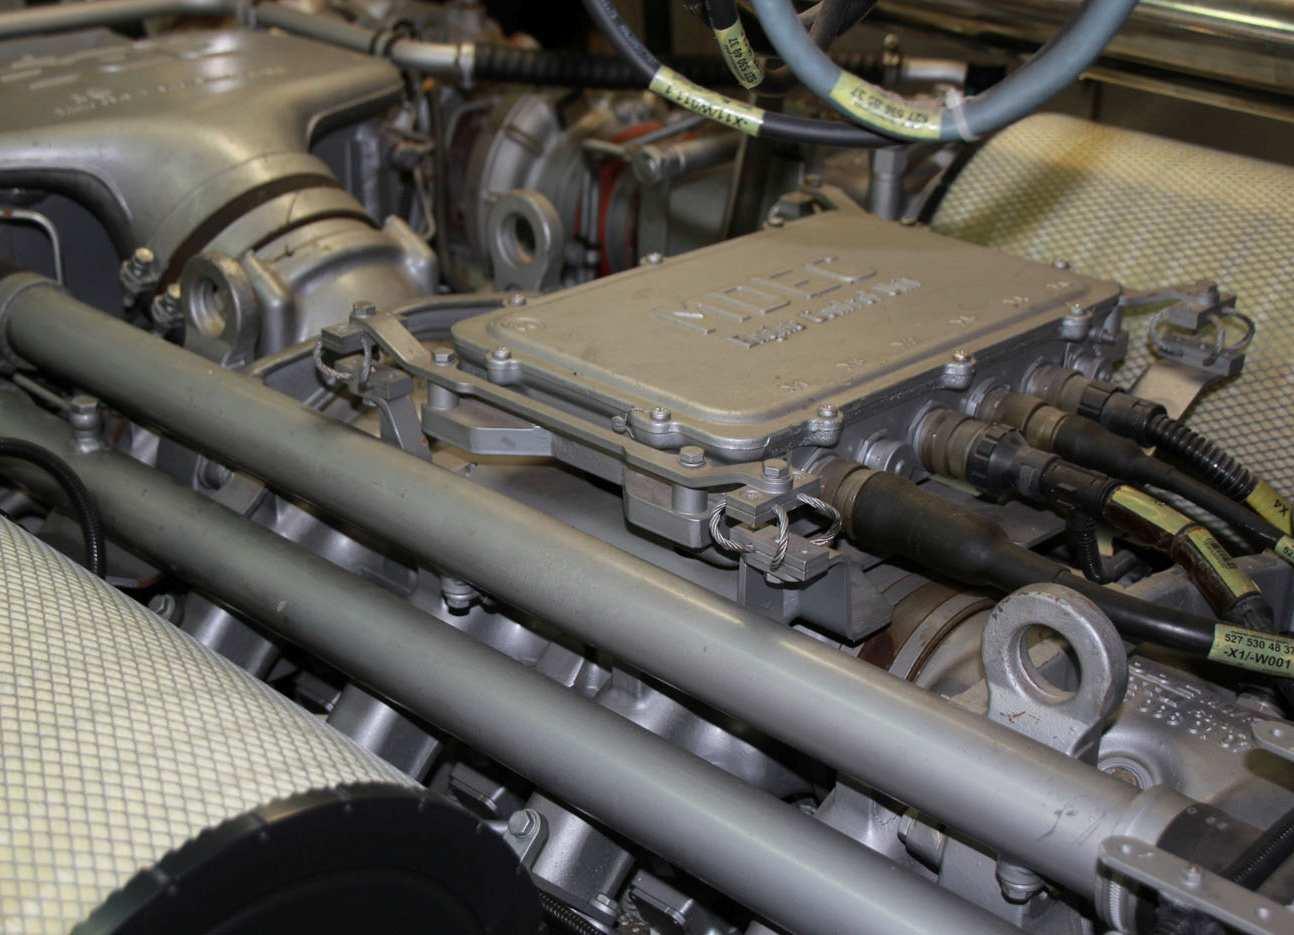 Anexo VII.-Dream team detalle motores y cuadros electricos_Page_5_Image_0002